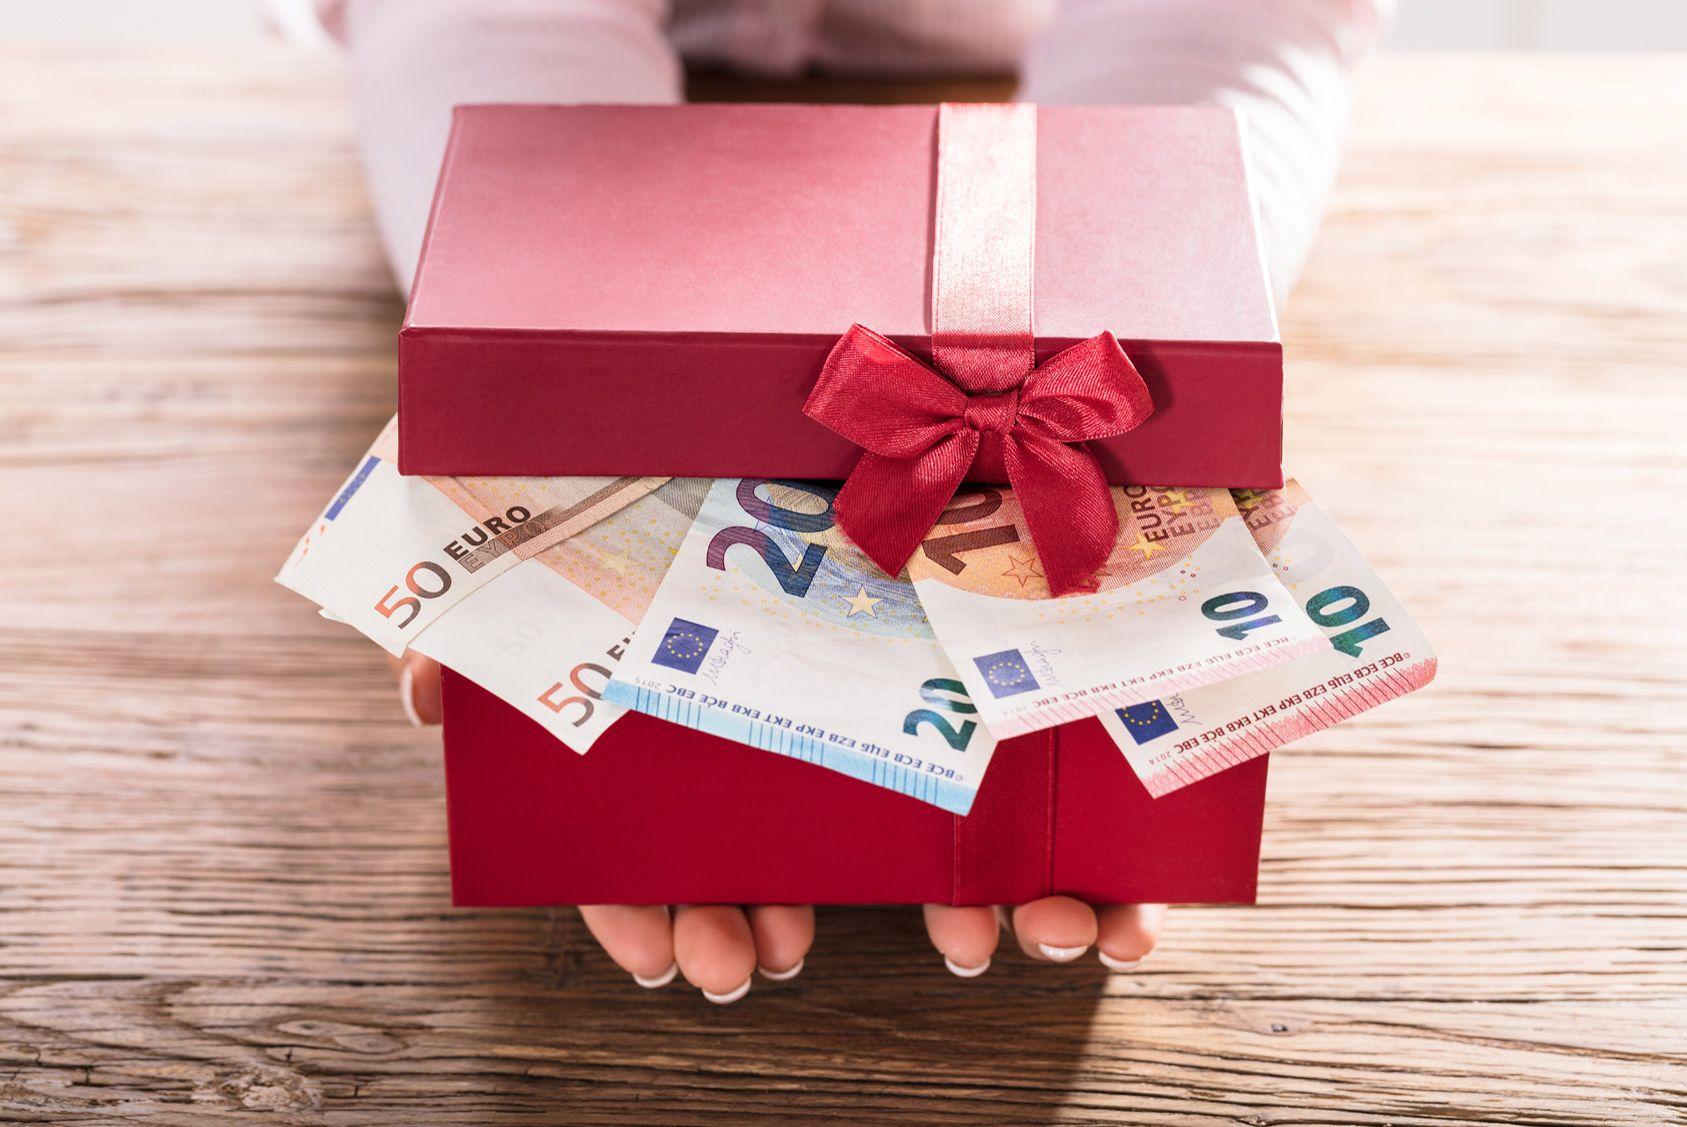 Donation et succession : conseils pour transmettre son patrimoine